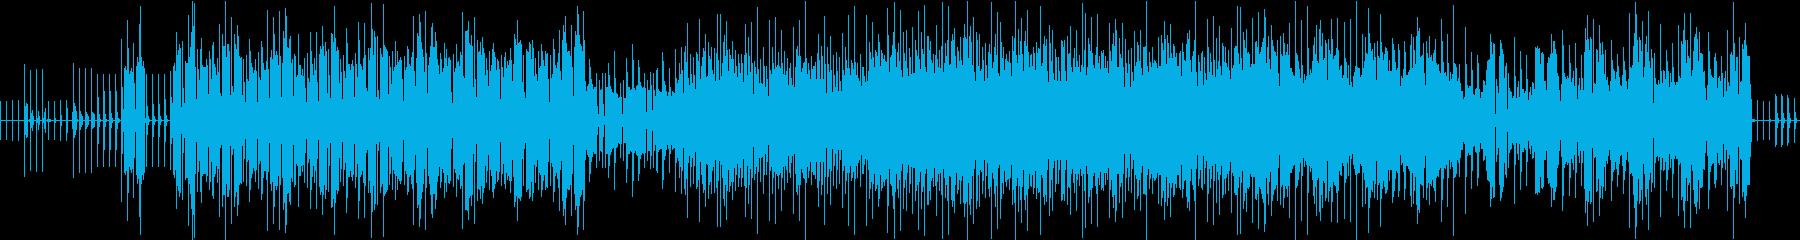 アンダーグラウンド感あるエレクトロニカの再生済みの波形